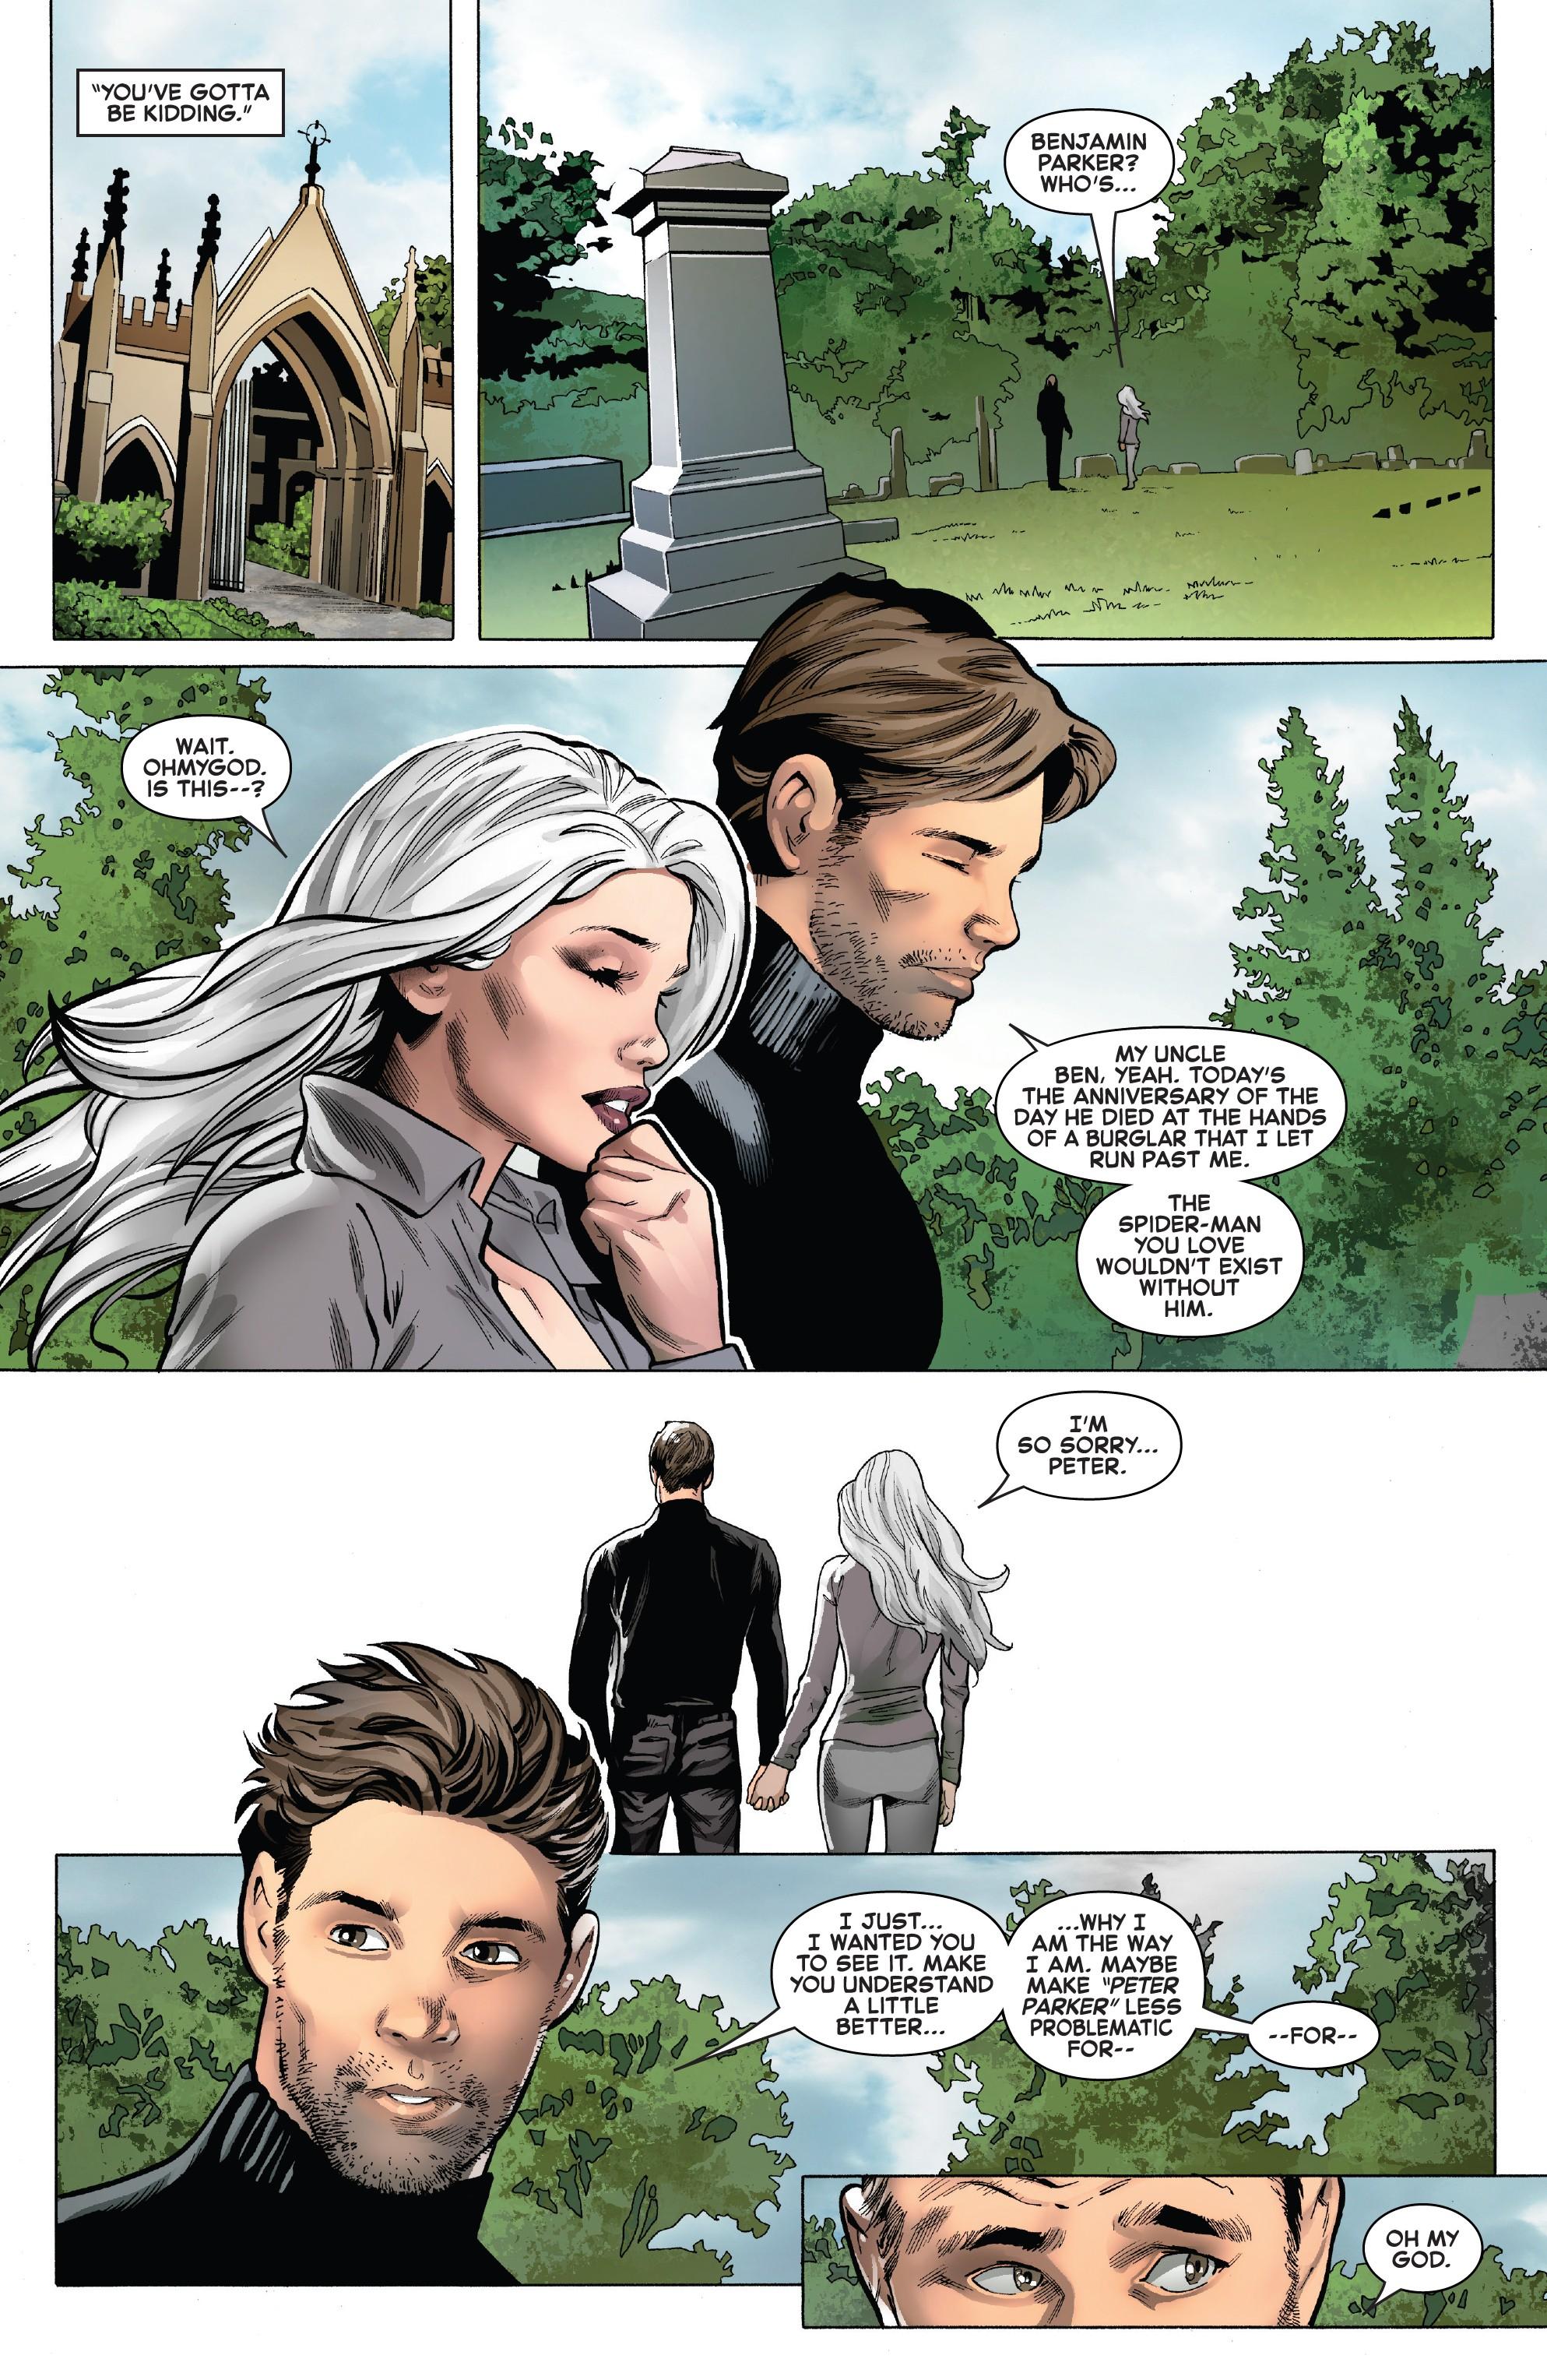 Ben Parker Grave Spider Man Ps4 : parker, grave, spider, Peter, Felicia, Visit, Uncle, Ben's, Grave., Symbiote, Spider-Man, (2019), Spiderman, Black, Marvel,, Comic